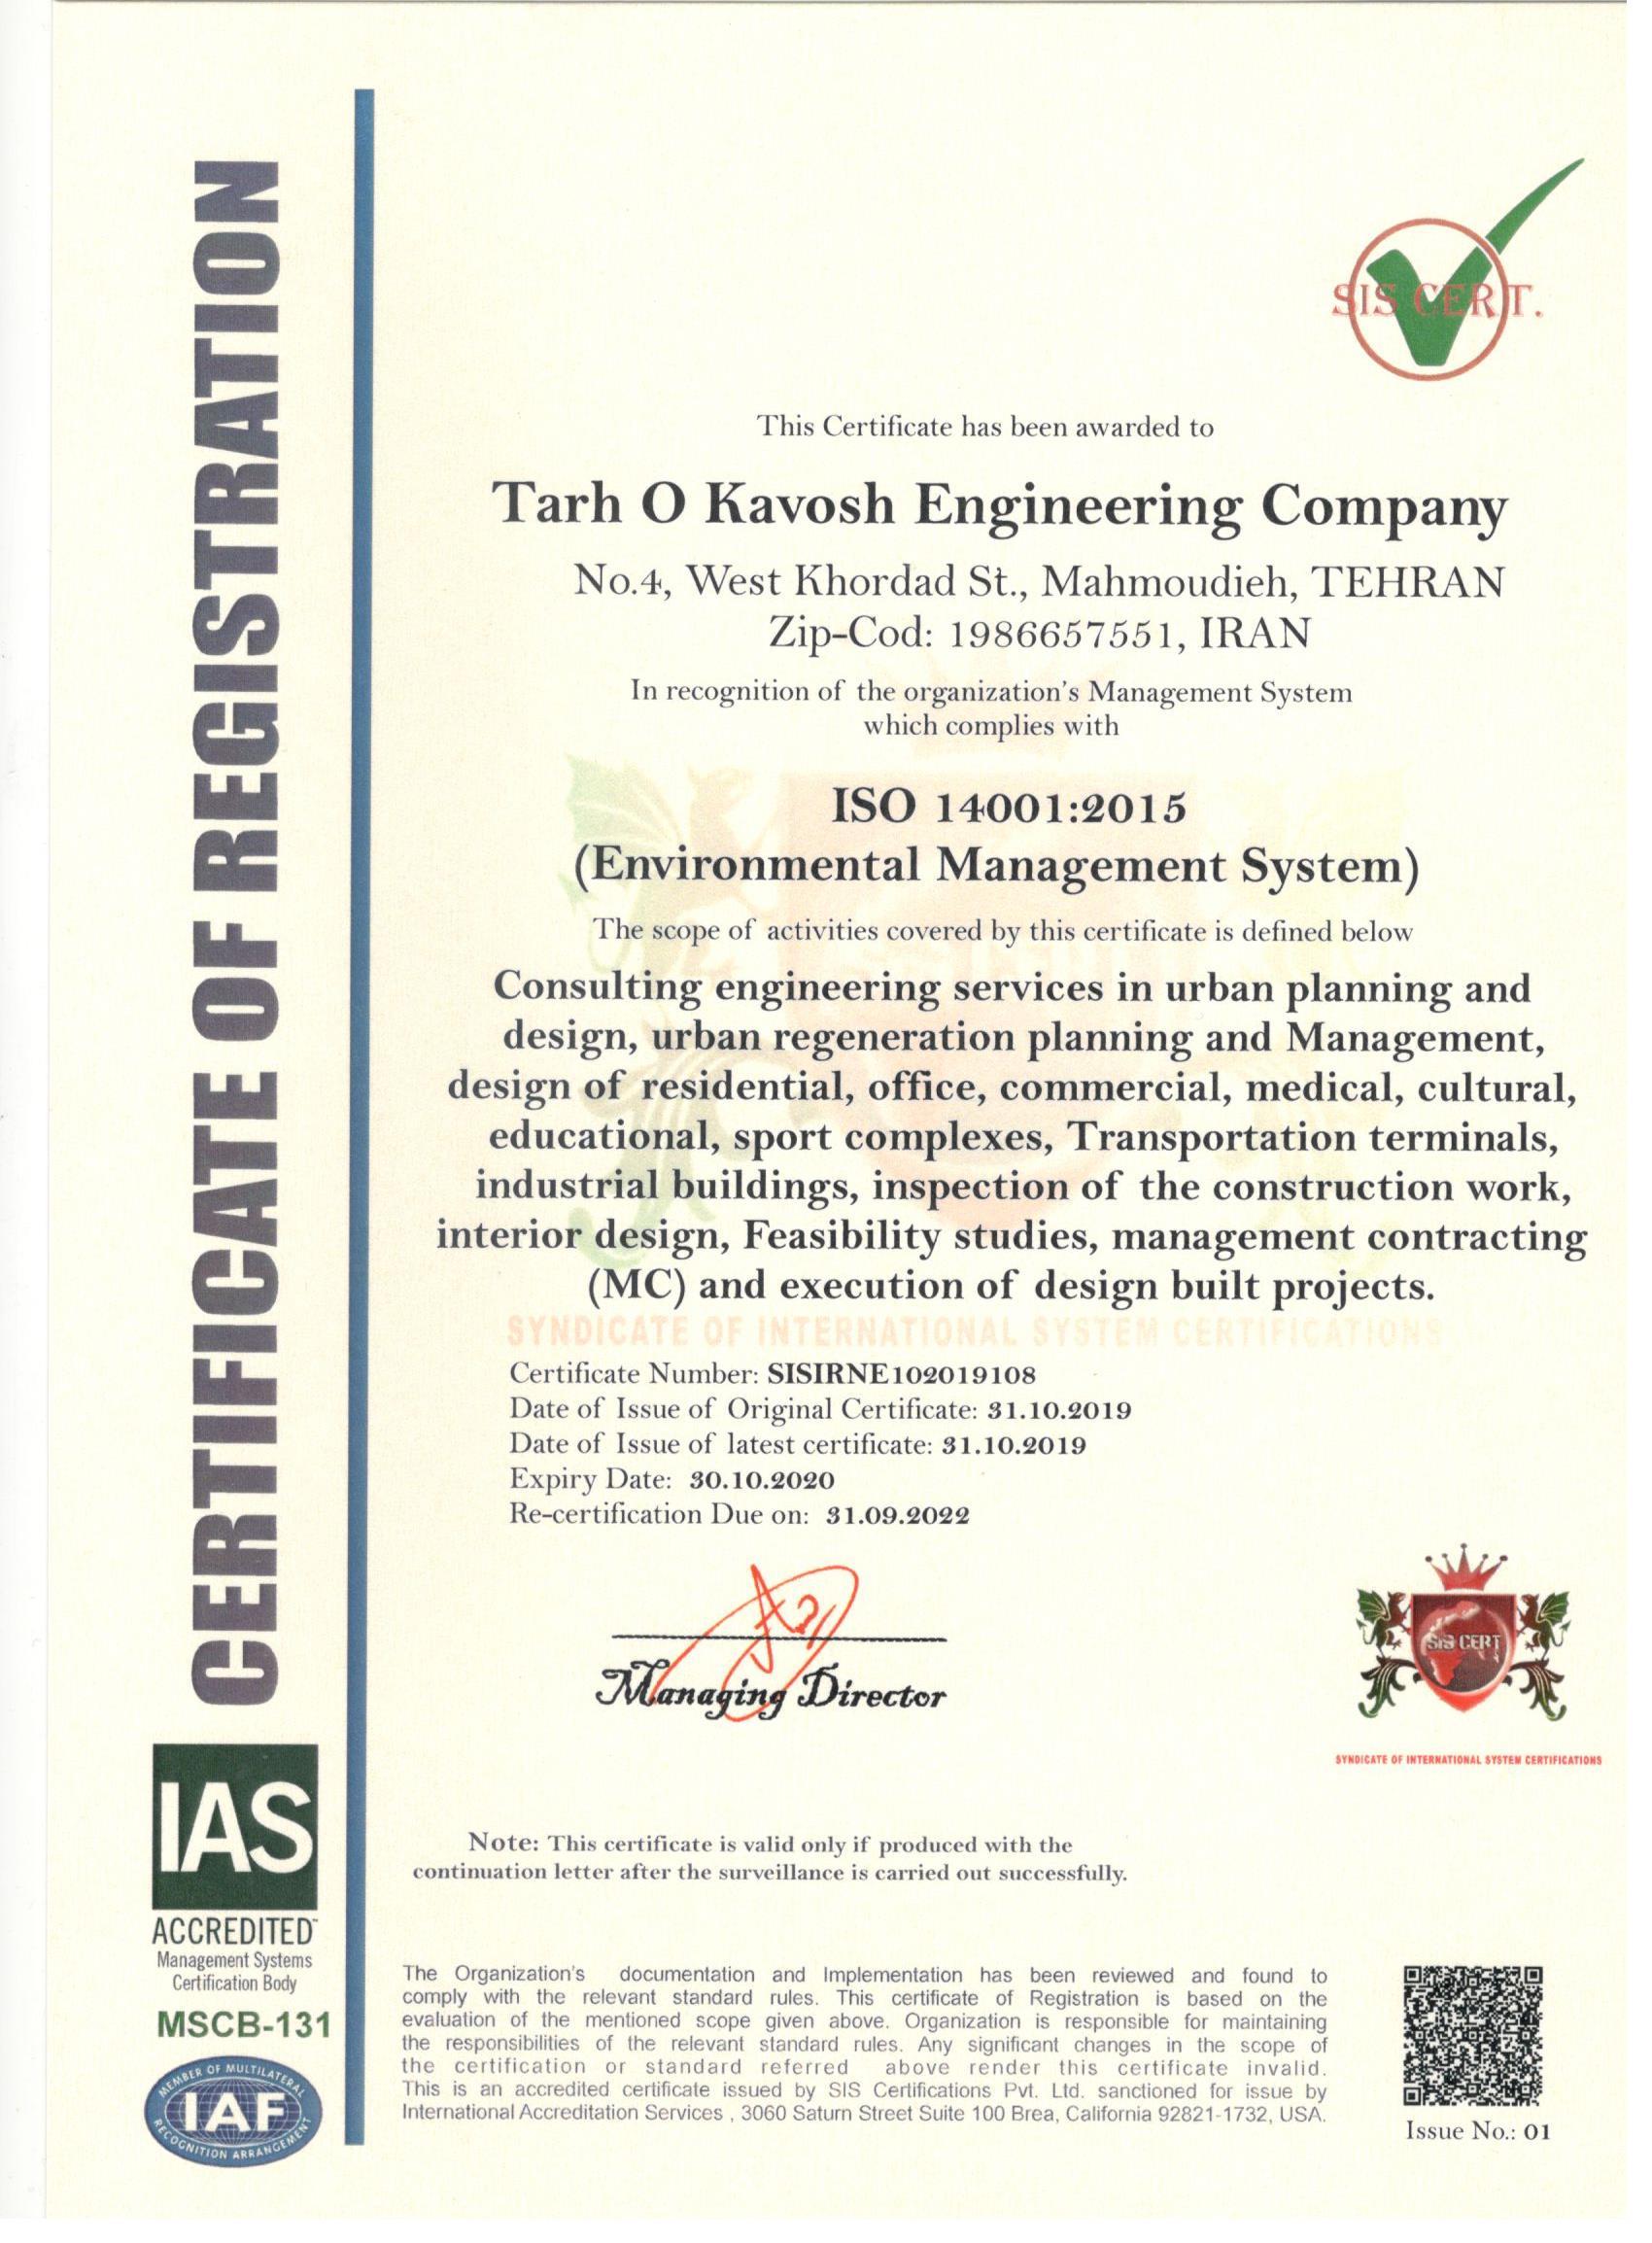 گواهینامه ایزو14001 2015